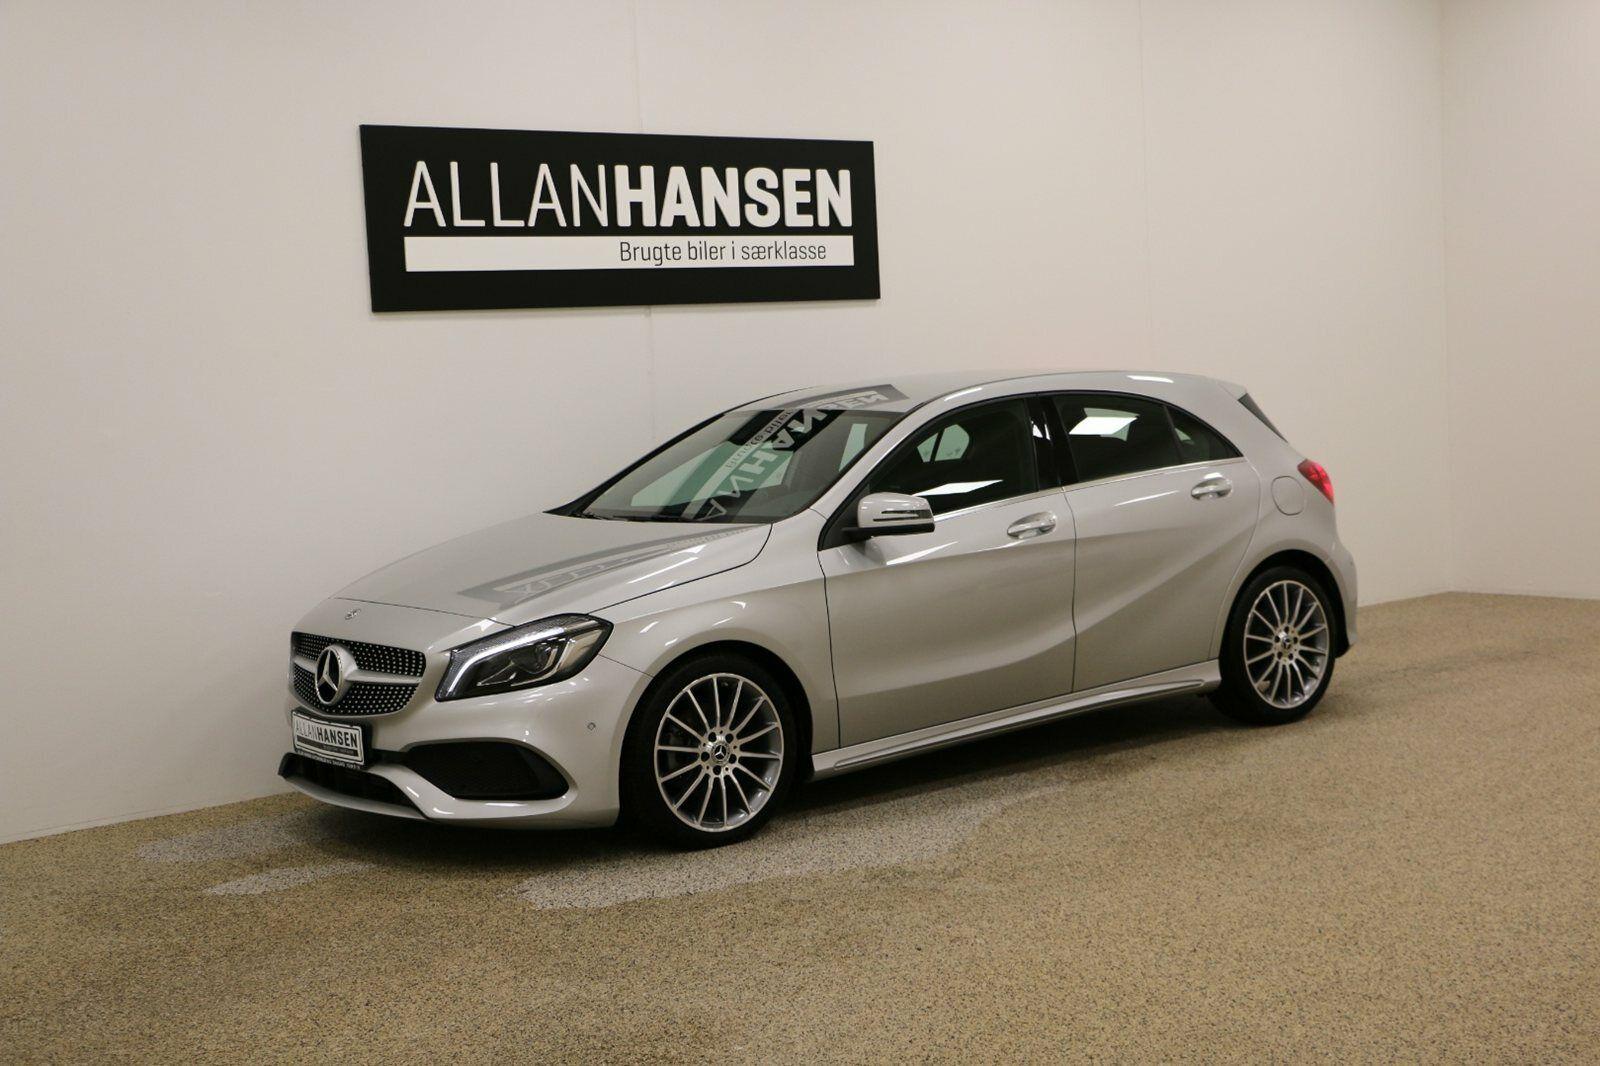 Mercedes A200 d 2,2 Edition aut. 5d - 299.900 kr.